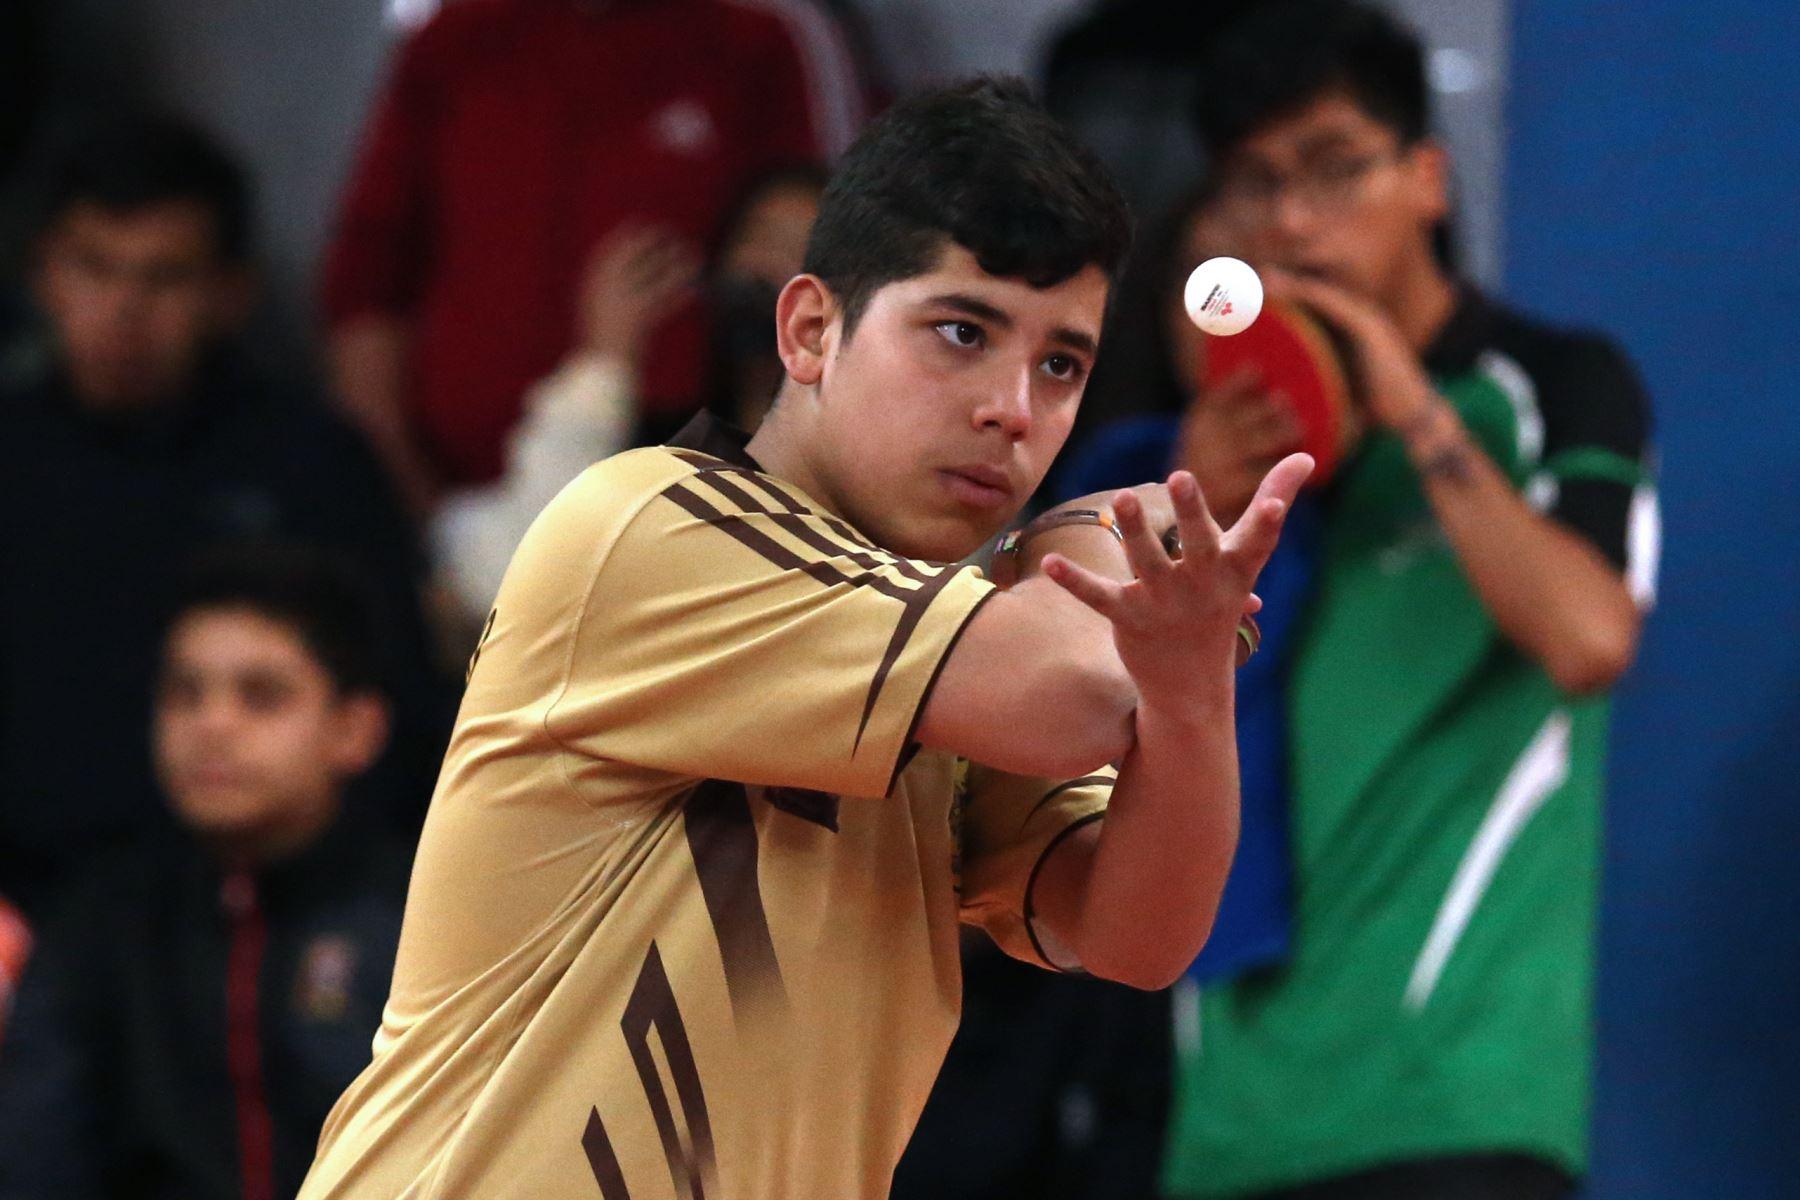 Eduardo Angel Orihuela  Cipriano del Colegio San Francisco de Junín disputa la pelota con Colegio Juan Bosco de Cusco durante el partido de Tenis de Mesa por  los Juegos Deportivos Escolares Nacionales en el Estadio nacional. Foto: Foto: ANDINA/Vidal Tarqui